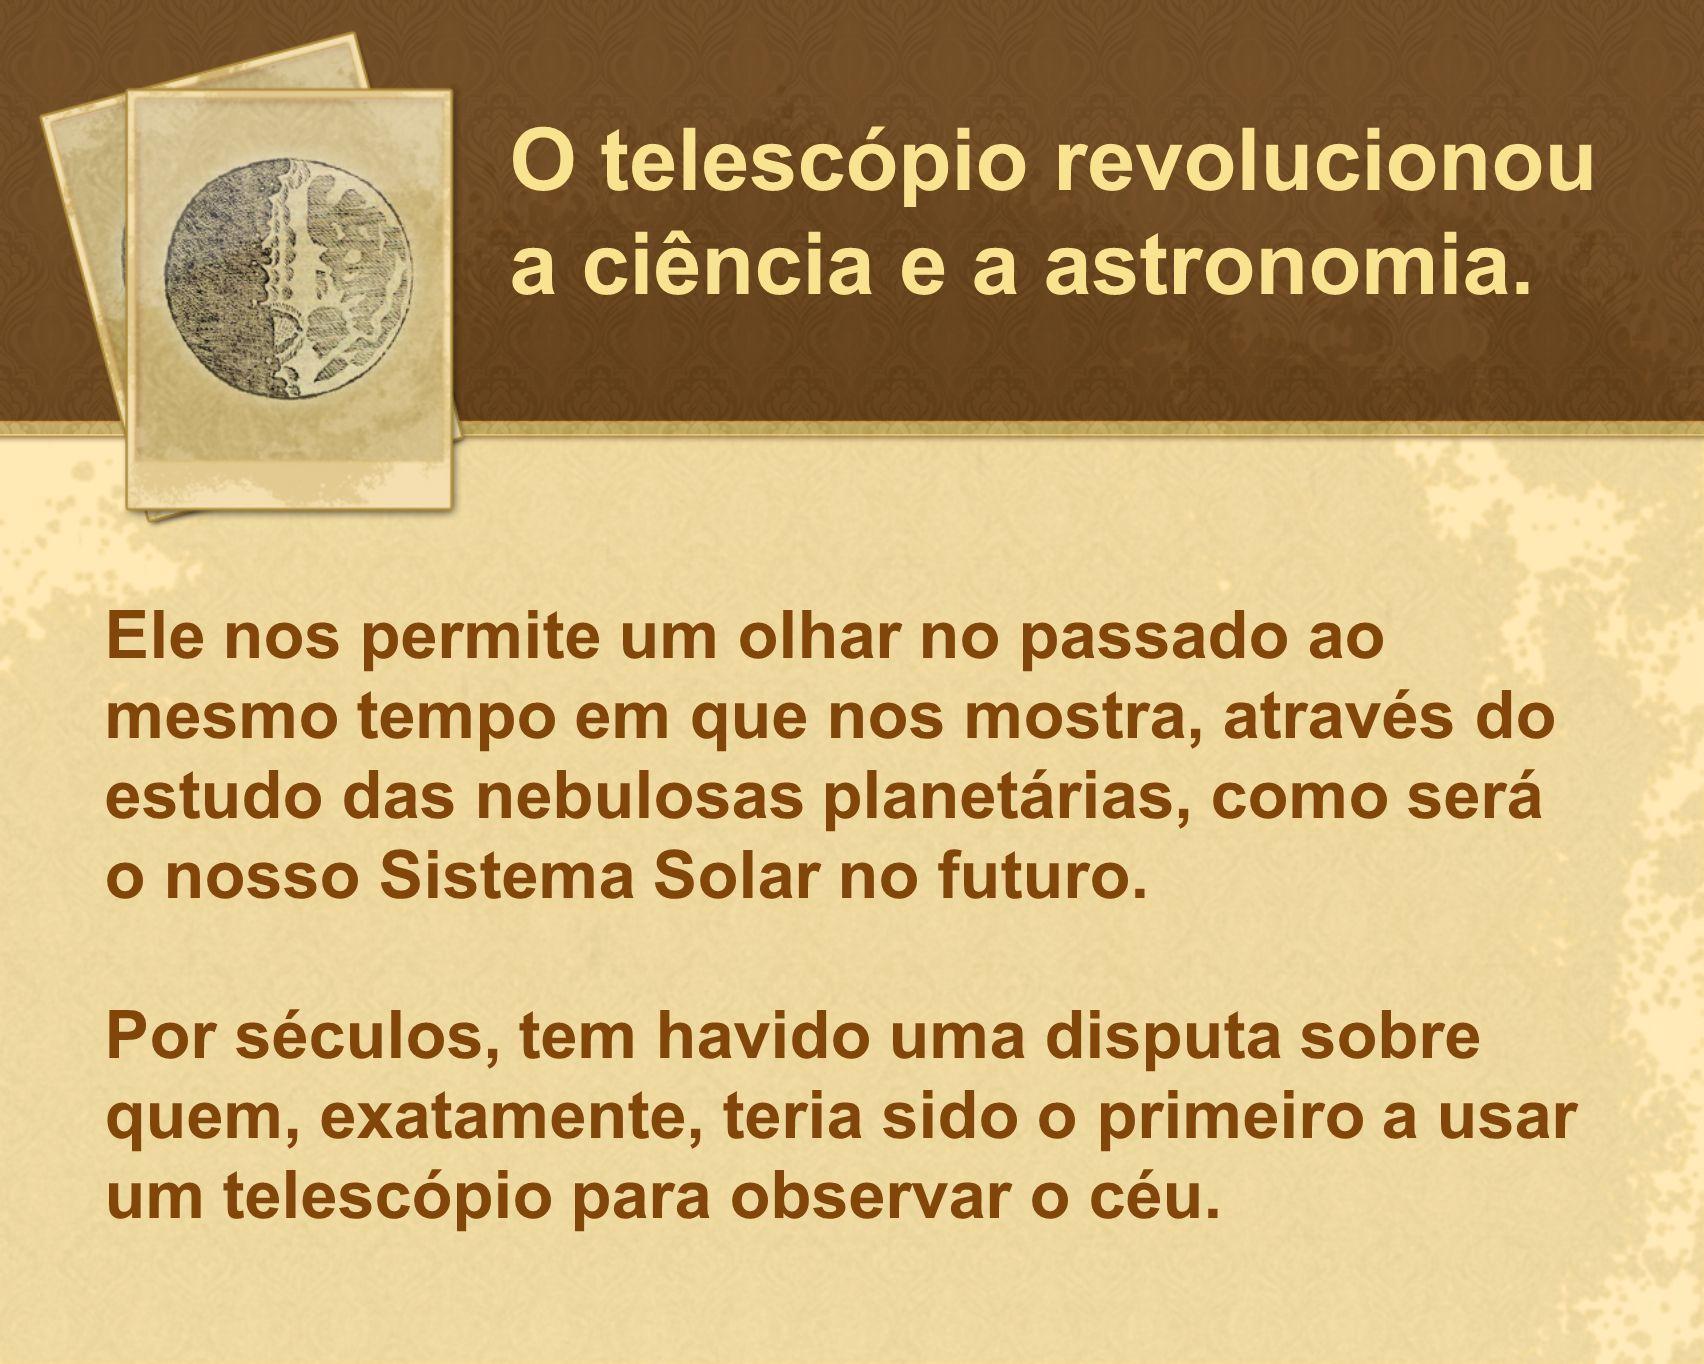 Ele nos permite um olhar no passado ao mesmo tempo em que nos mostra, através do estudo das nebulosas planetárias, como será o nosso Sistema Solar no